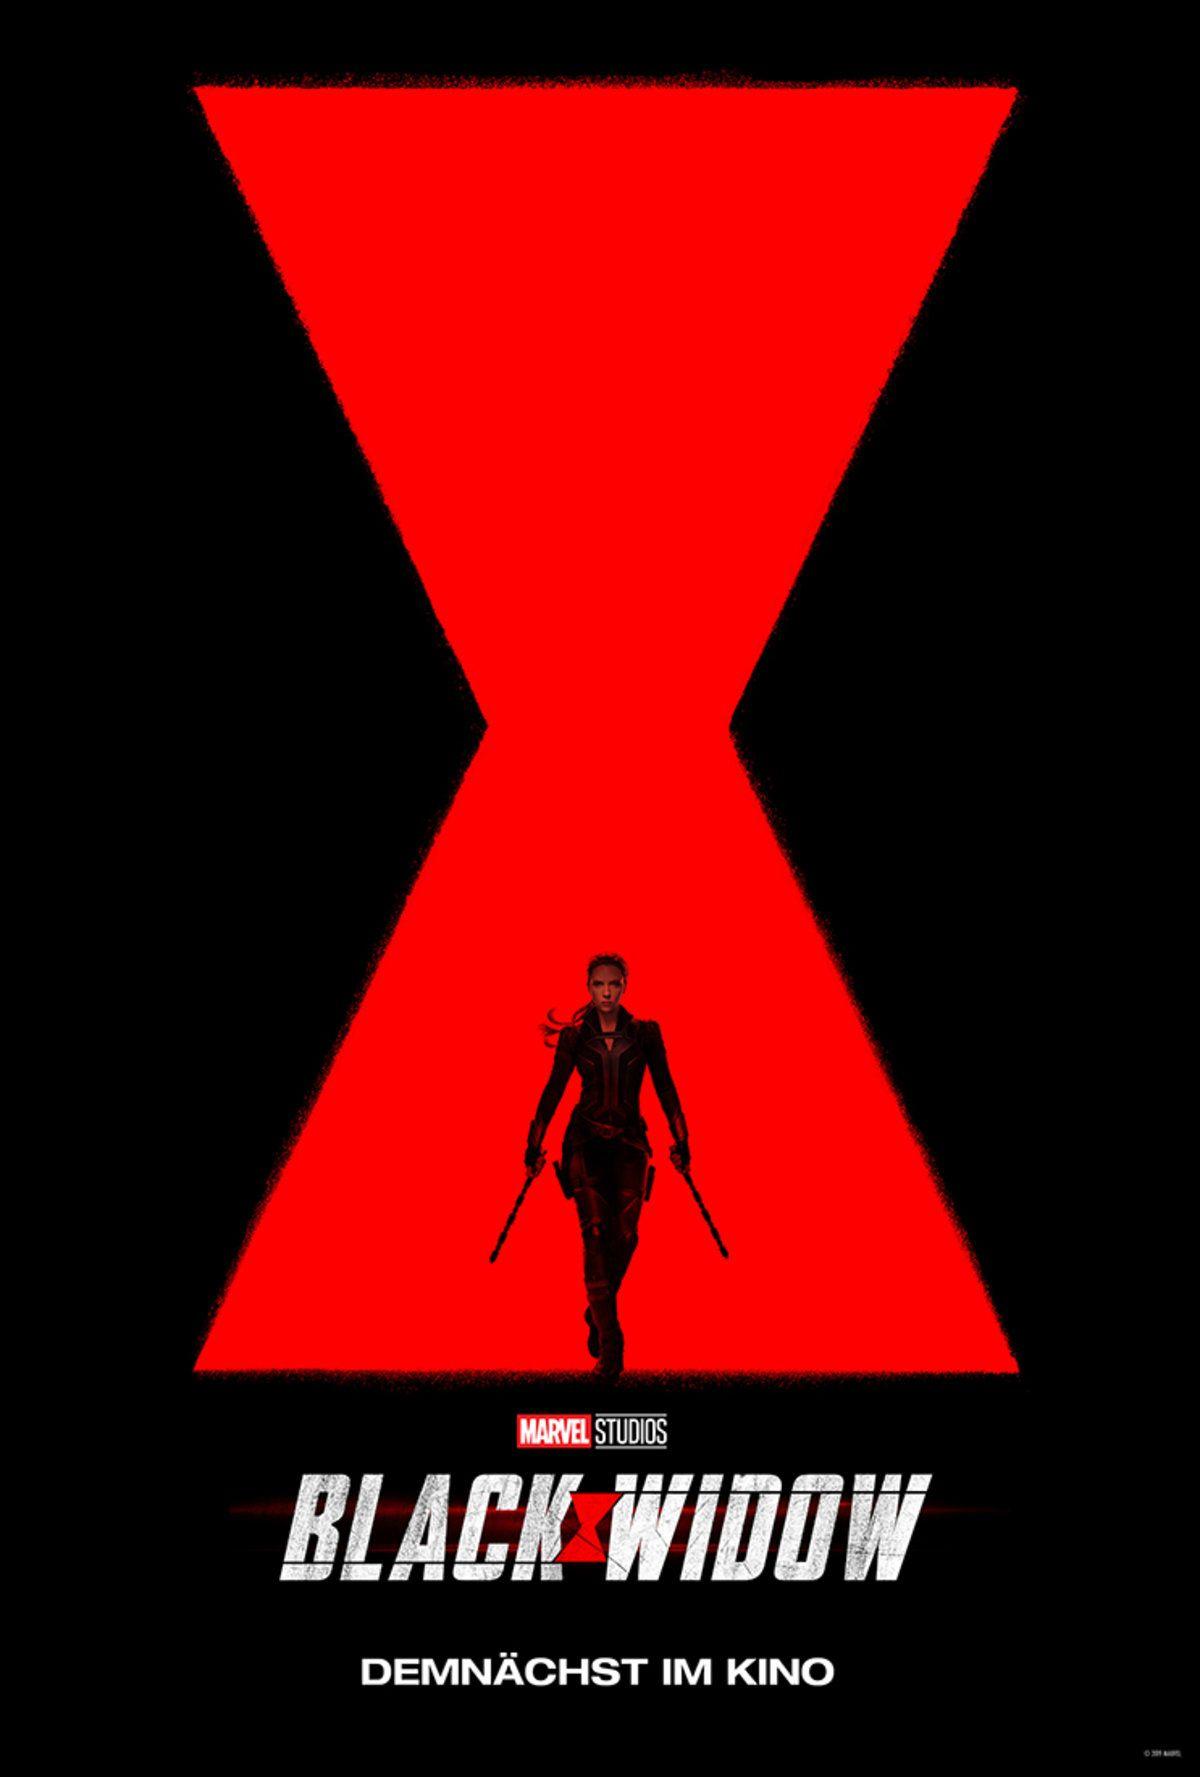 Das Plakat von Black Widow zeigt seine Superheldin auf schwarz-rotem Hintergrund